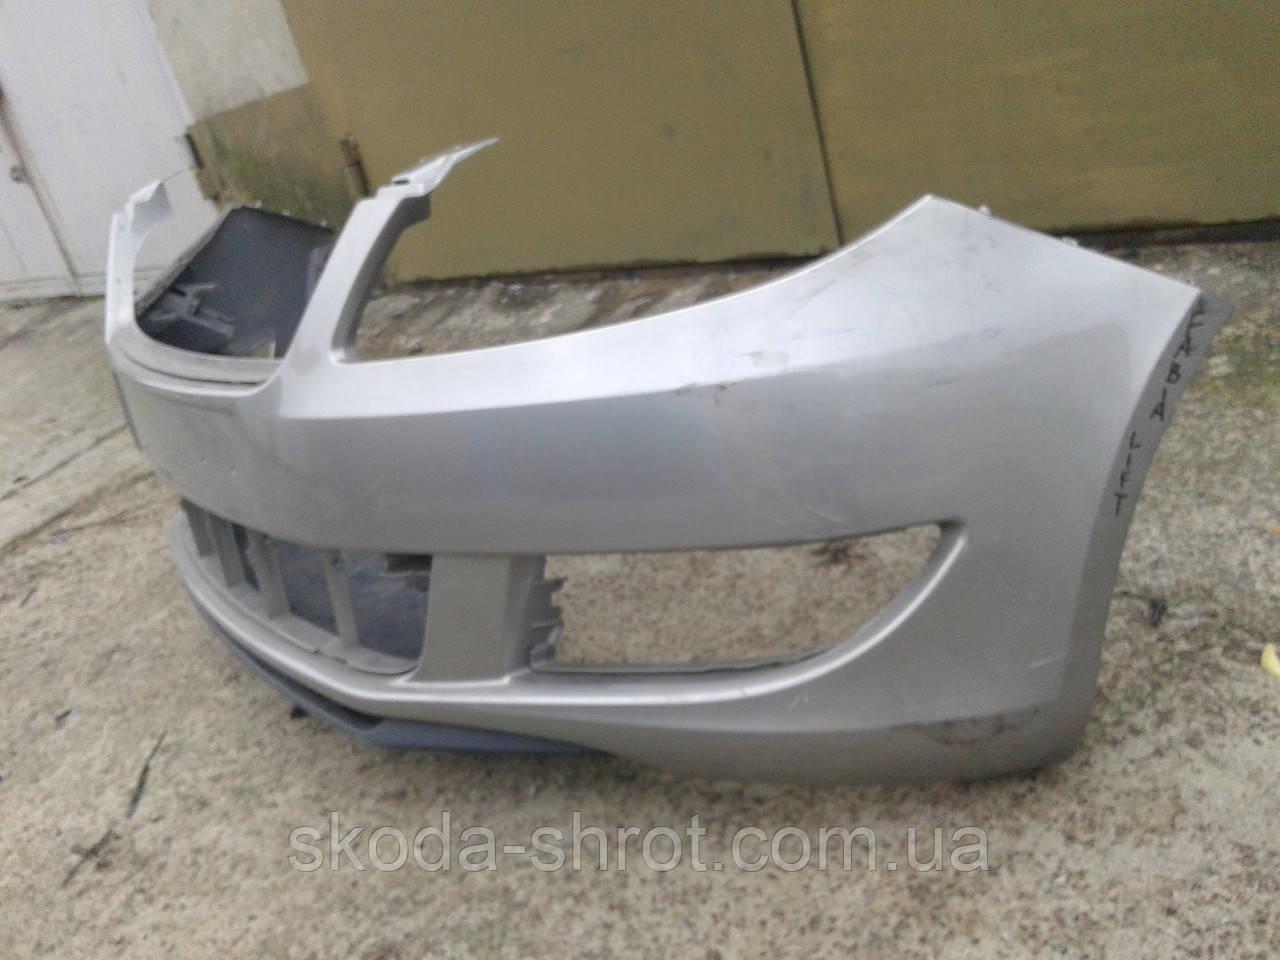 Бампер передний Фабия - II ( NEW ) 5J0 807 221 D